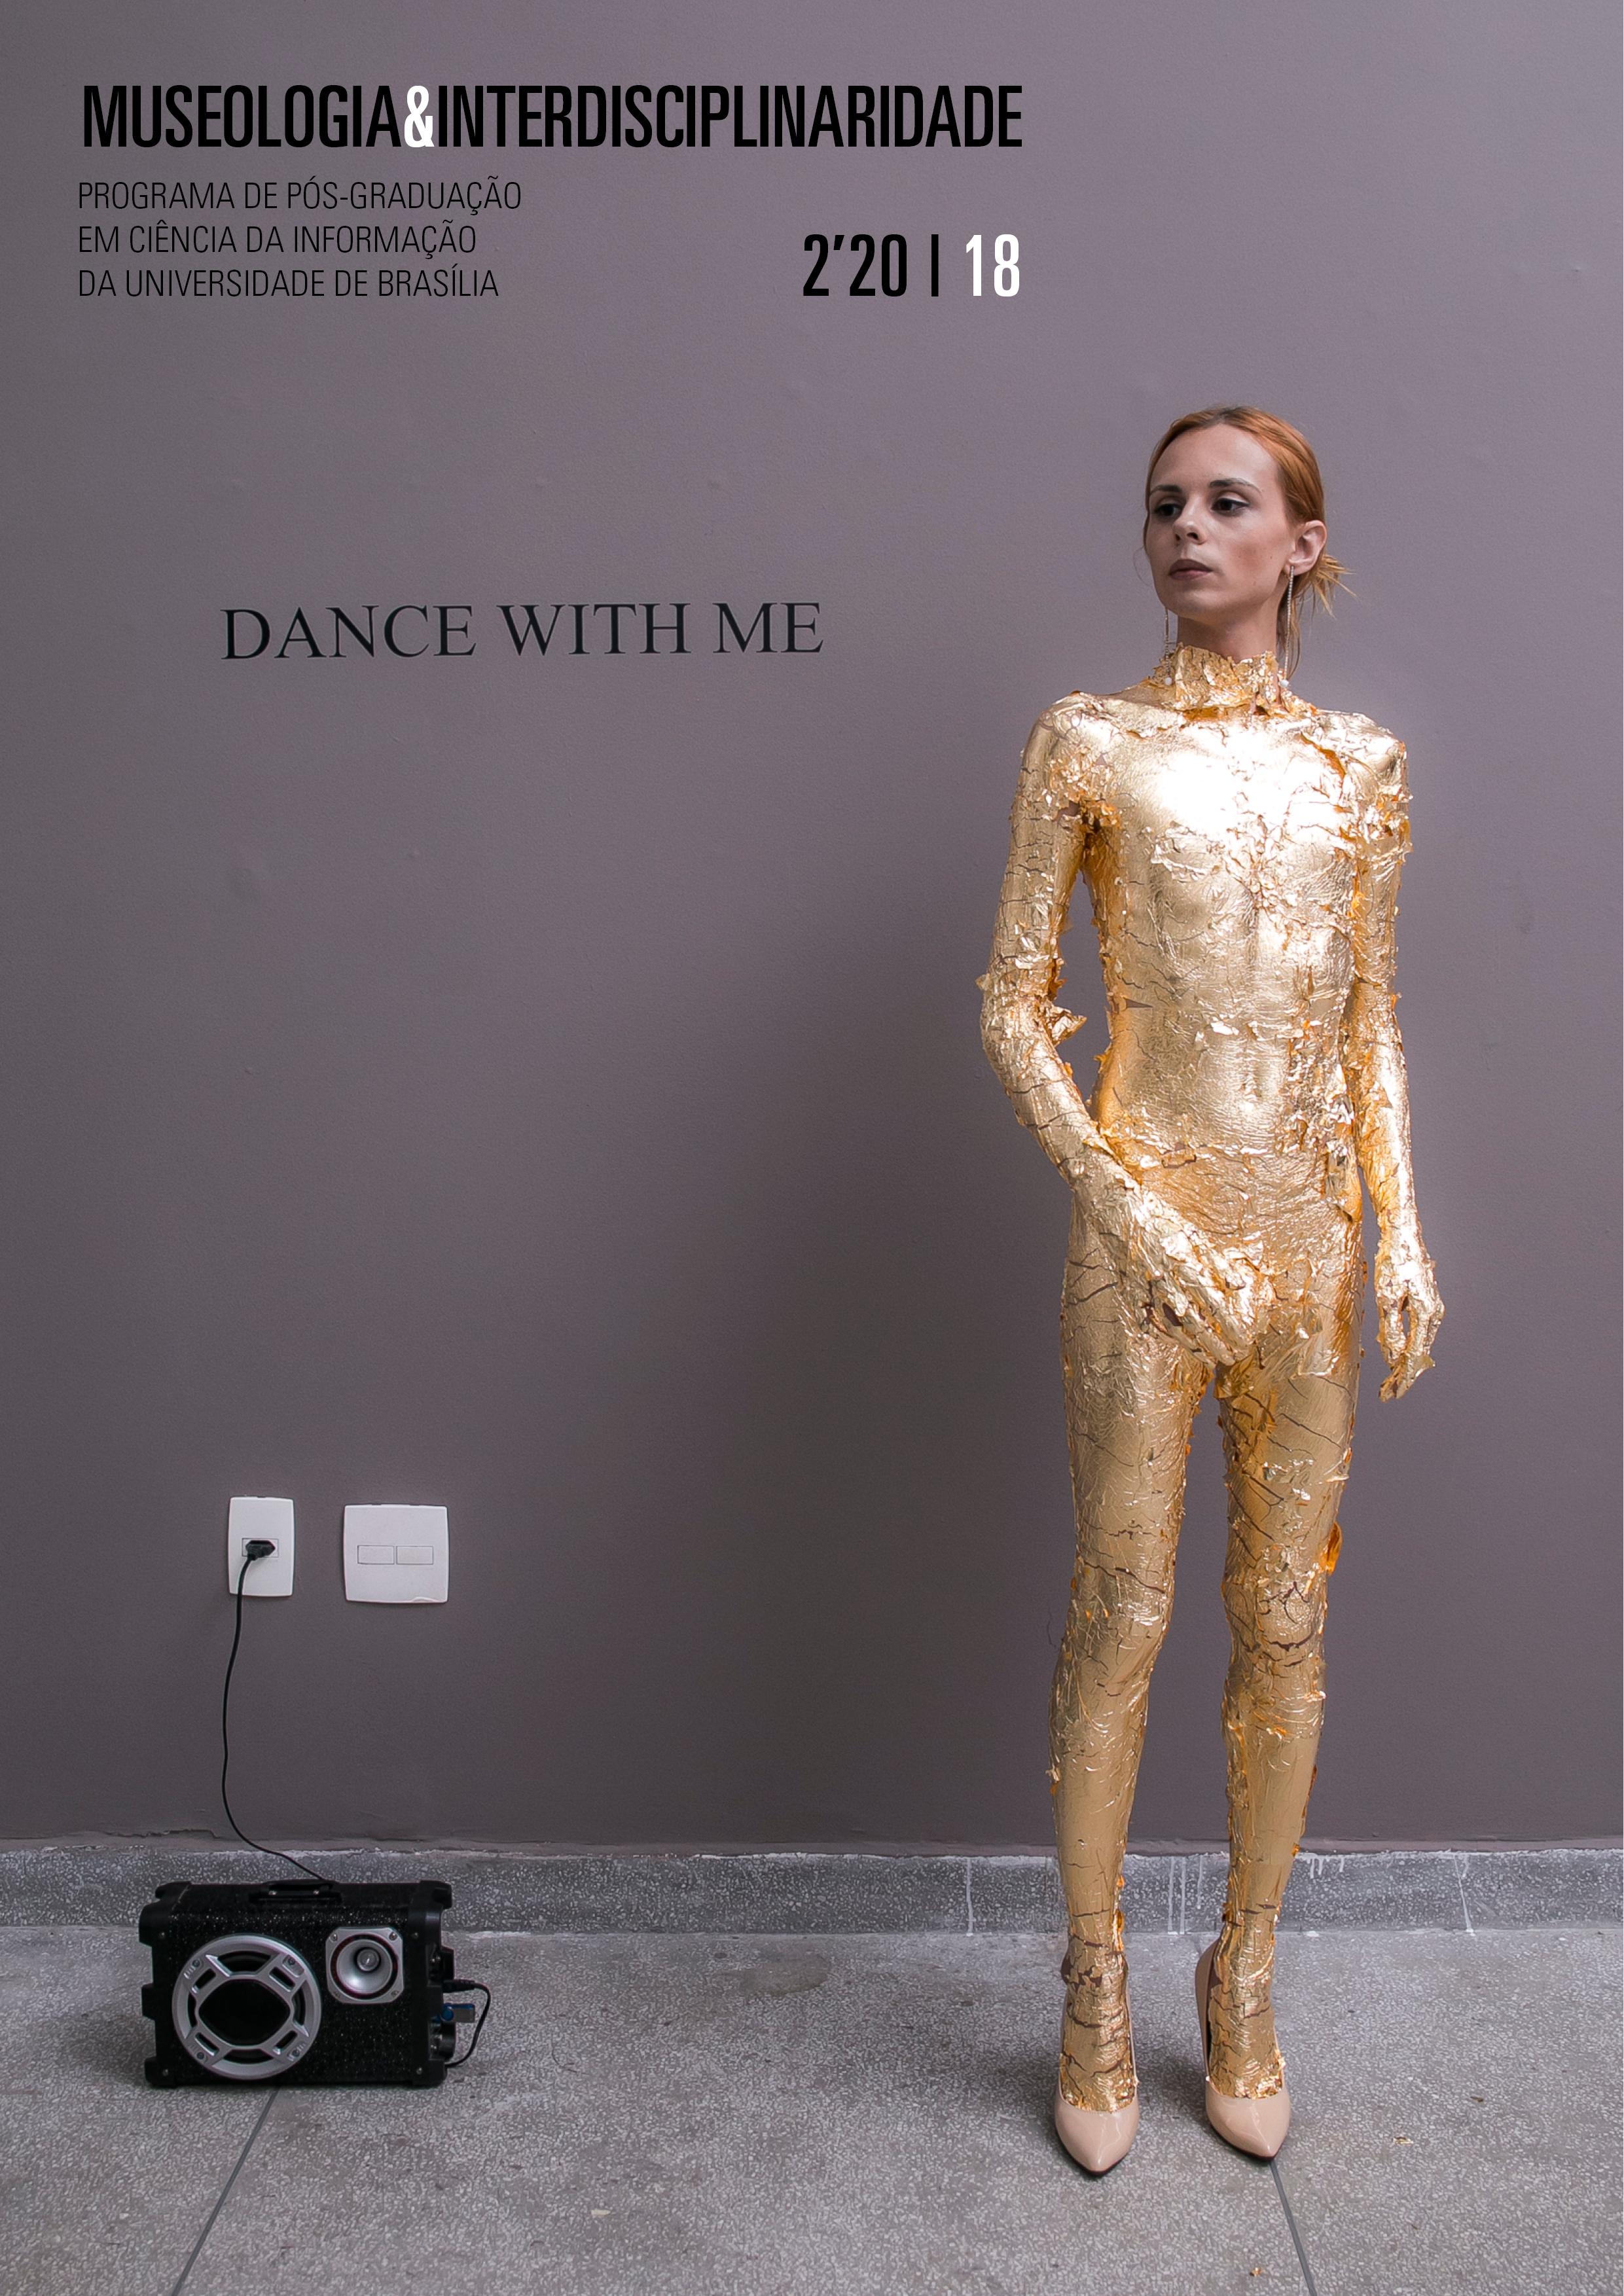 Dance with me (2018), de autoria de Élle de Bernardini. Créditos: cortesia da artista